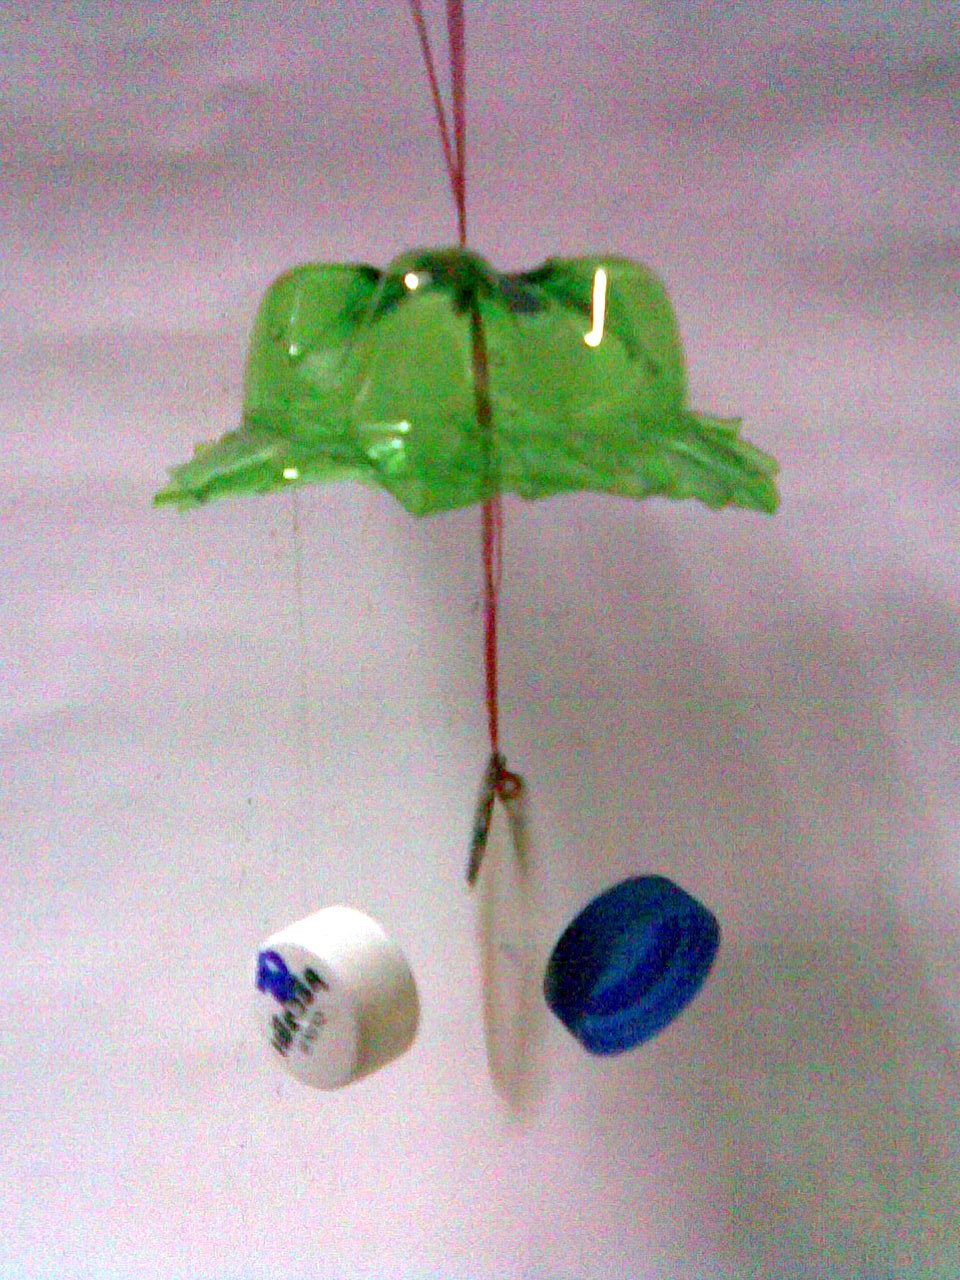 กระดิ่งลมจากวัสดุเหลือใช้  ,จากกระป๋อง ,จากขวดพลาสติกใช้แล้ว,กระดิ่งลมจากขวดพลาสติก กระป๋อง